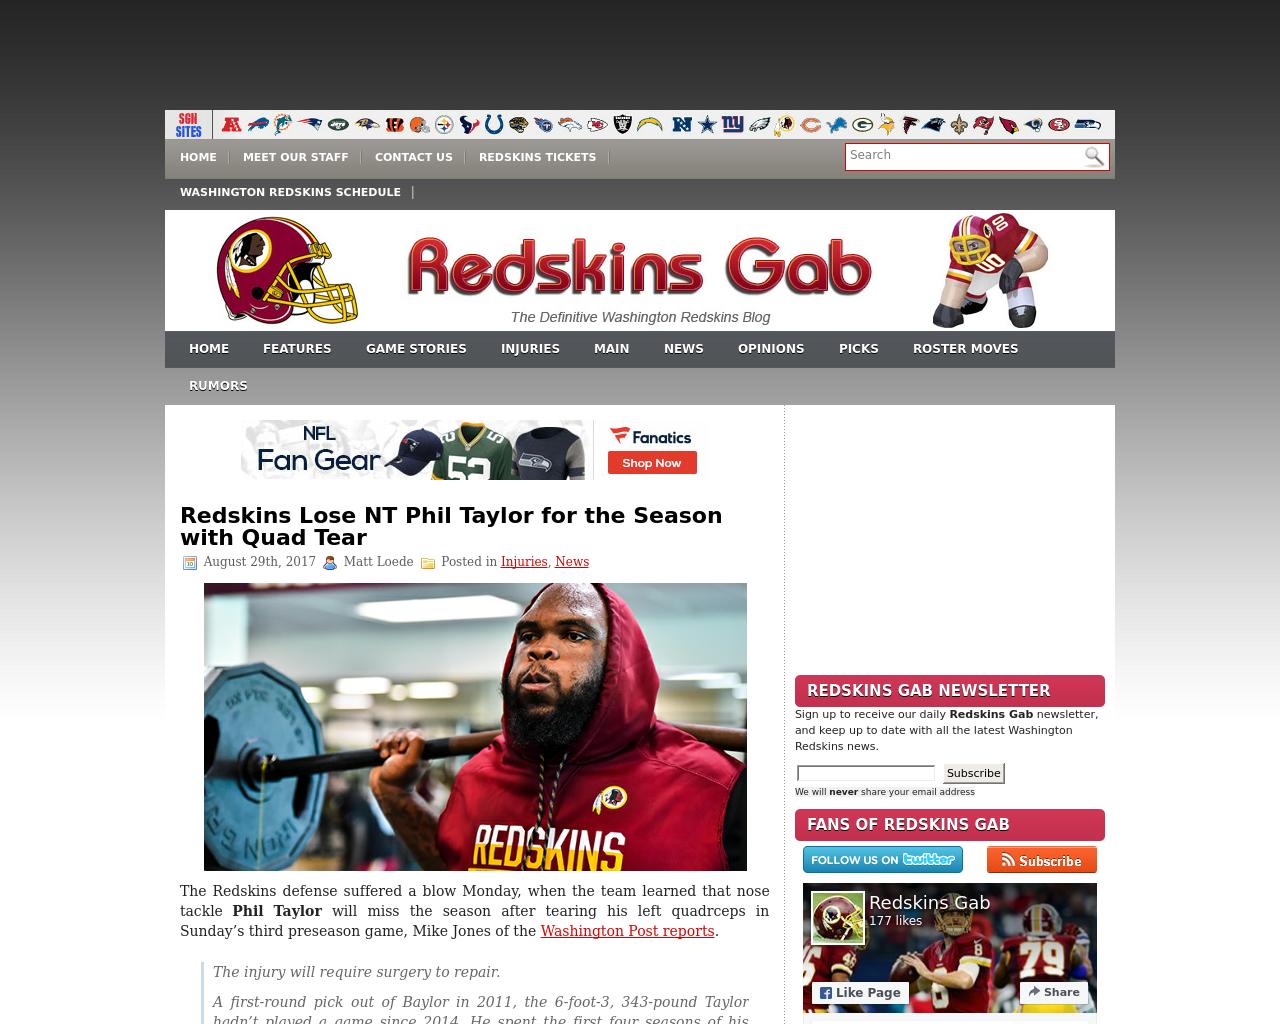 Redskins-Gab-Advertising-Reviews-Pricing